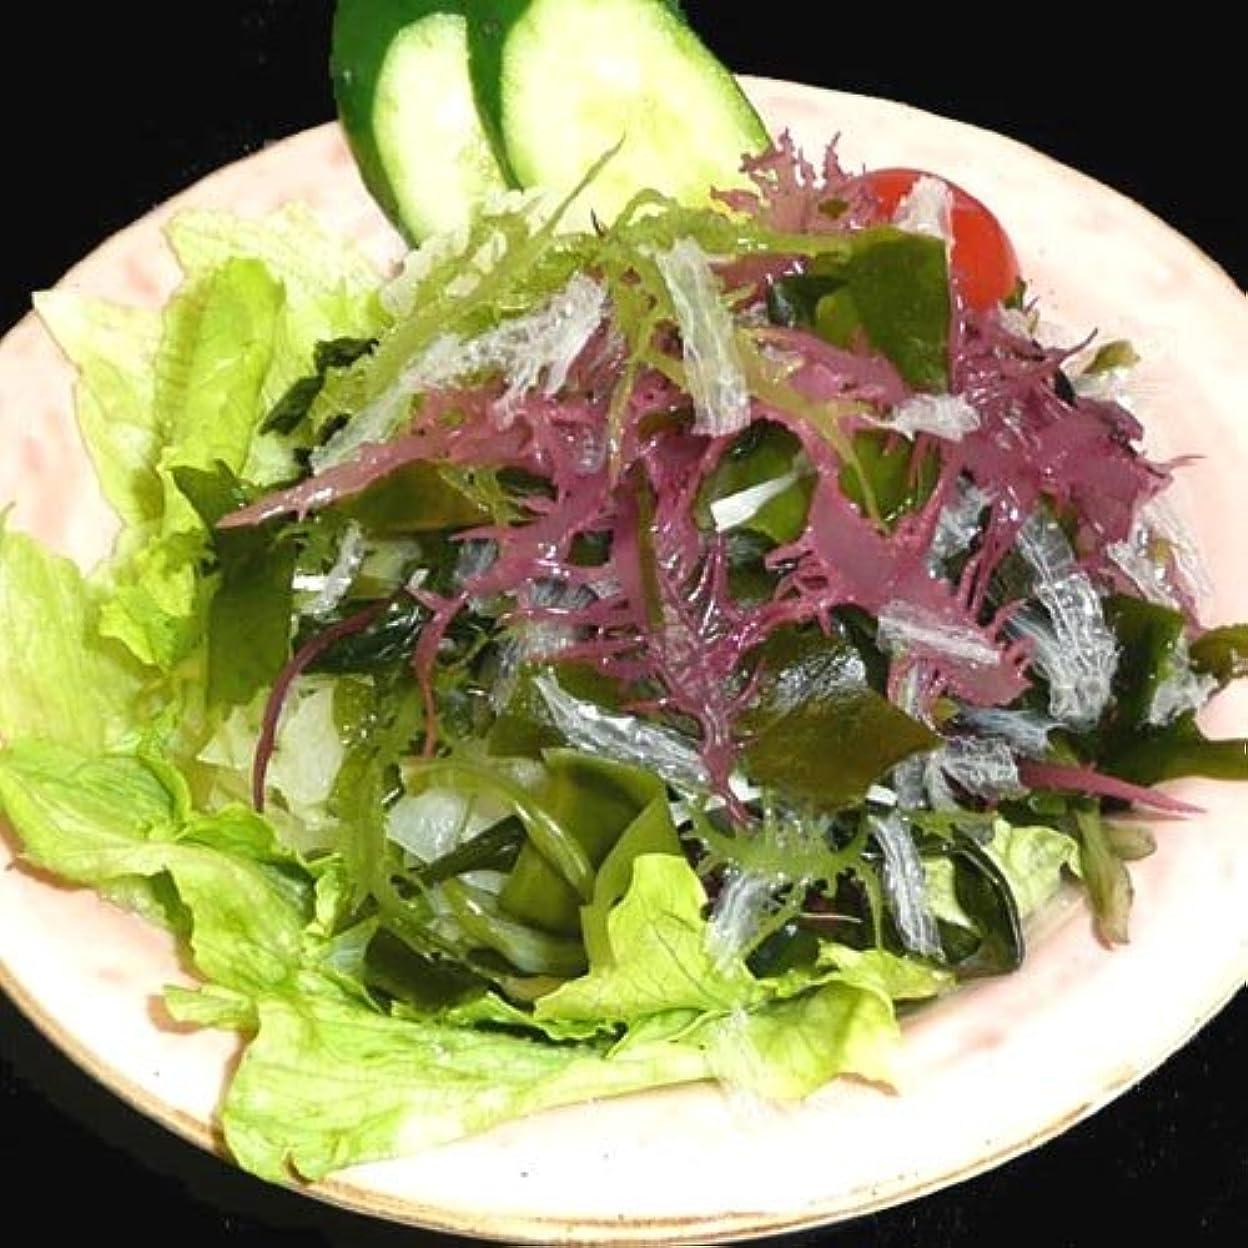 前部酔った唯物論サンエイオンラインショップ 業務用海藻かんてんダイエットサラダ 100g 9食分